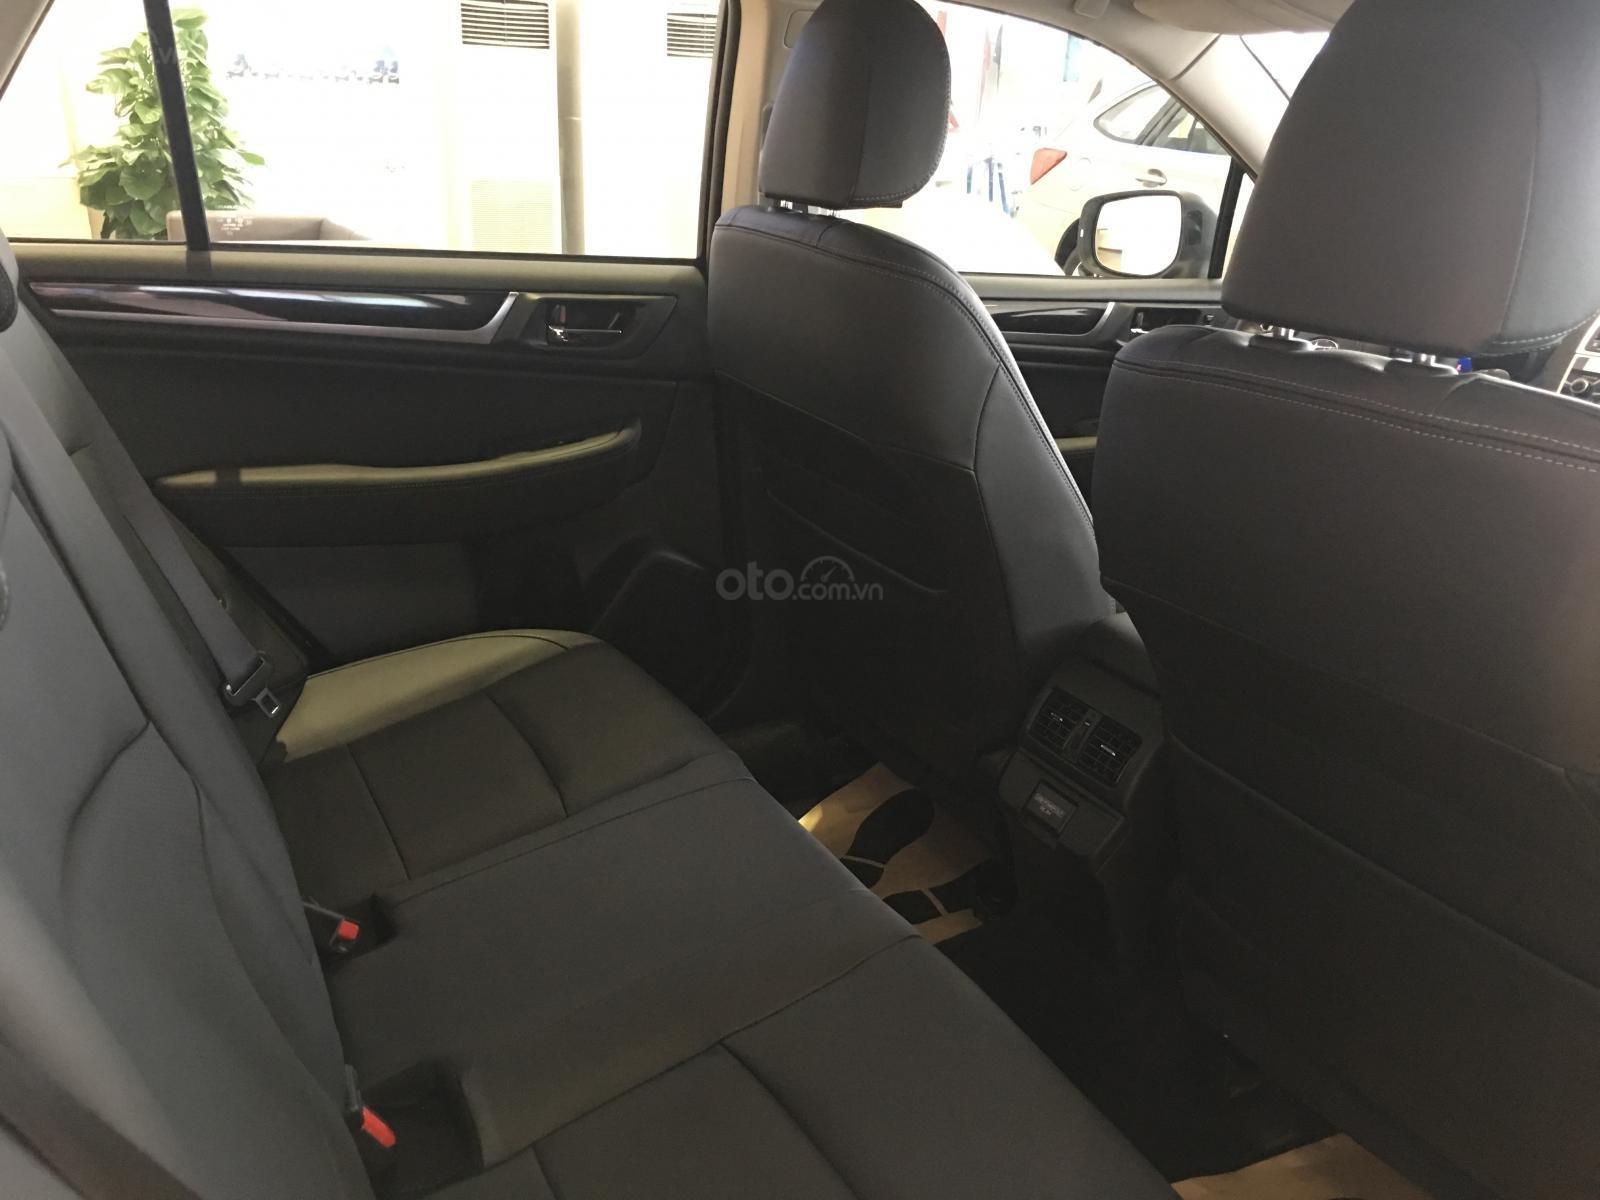 Bán Subaru Outback 2.5 EyeSight tại miền Trung, màu trắng, nhập khẩu nguyên chiếc từ Nhật Bản (10)